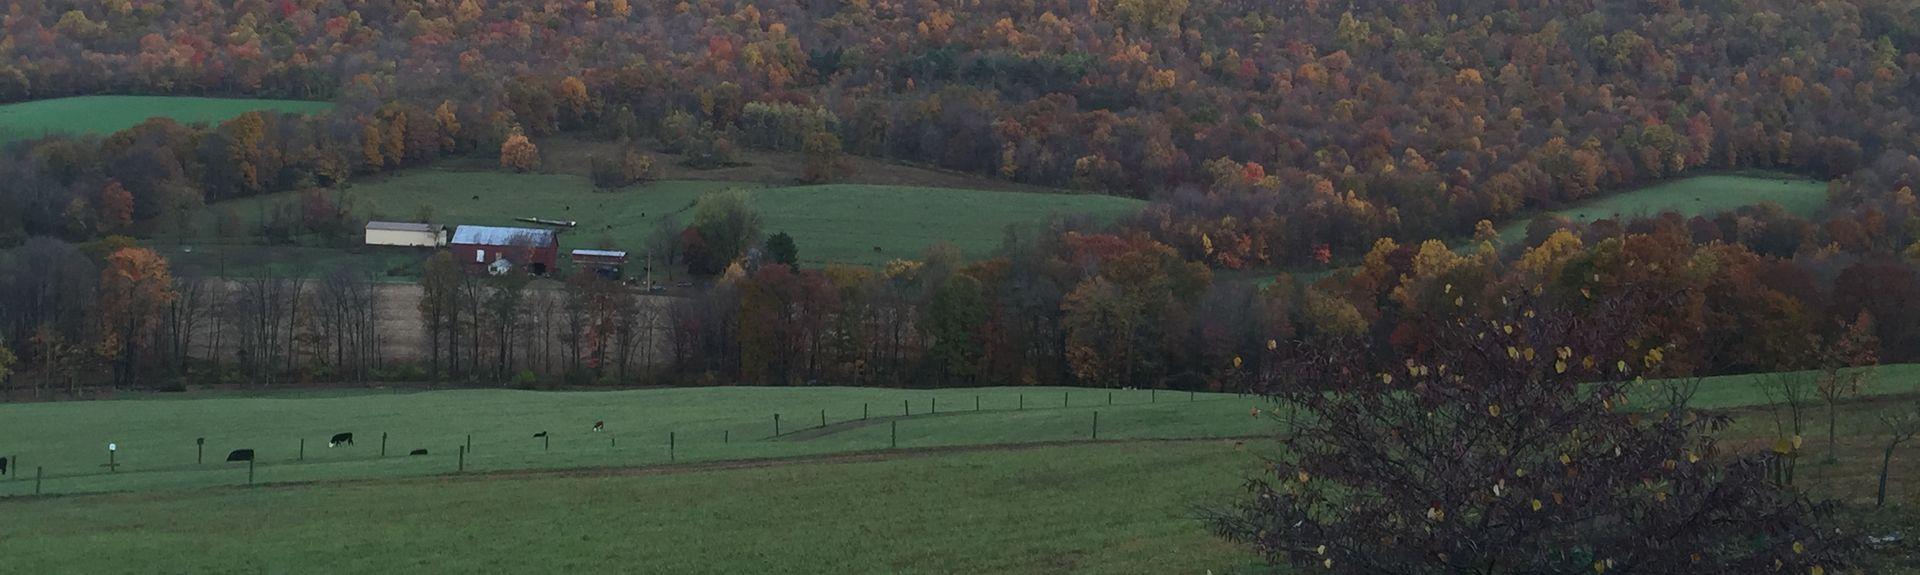 Comté de Franklin, Pennsylvanie, États-Unis d'Amérique